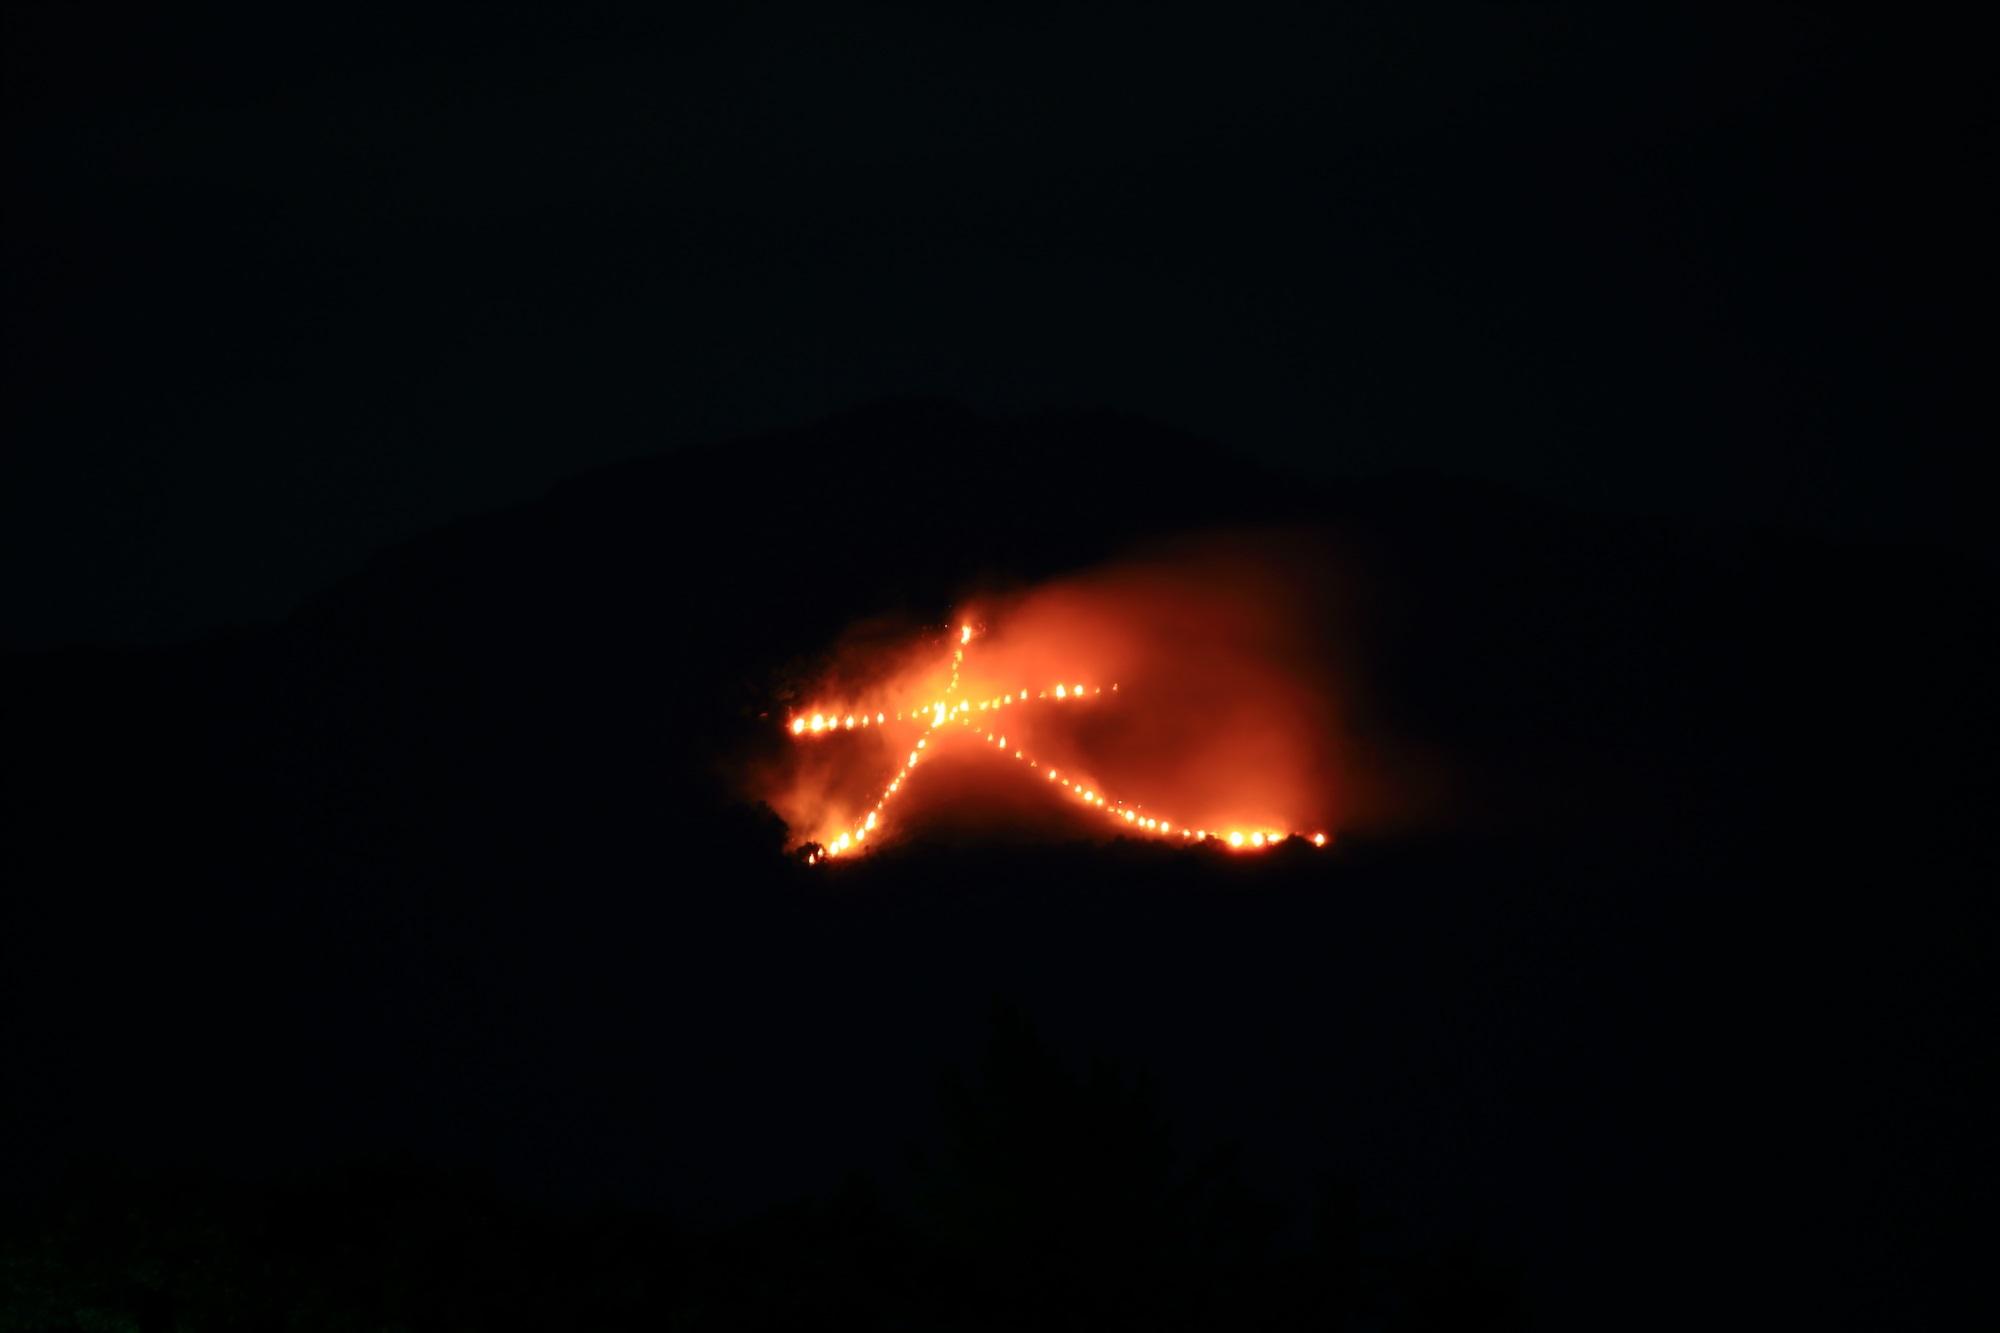 五山送り火の東山如意ケ嶽の夜空を焦がす大文字 2015年8月16日